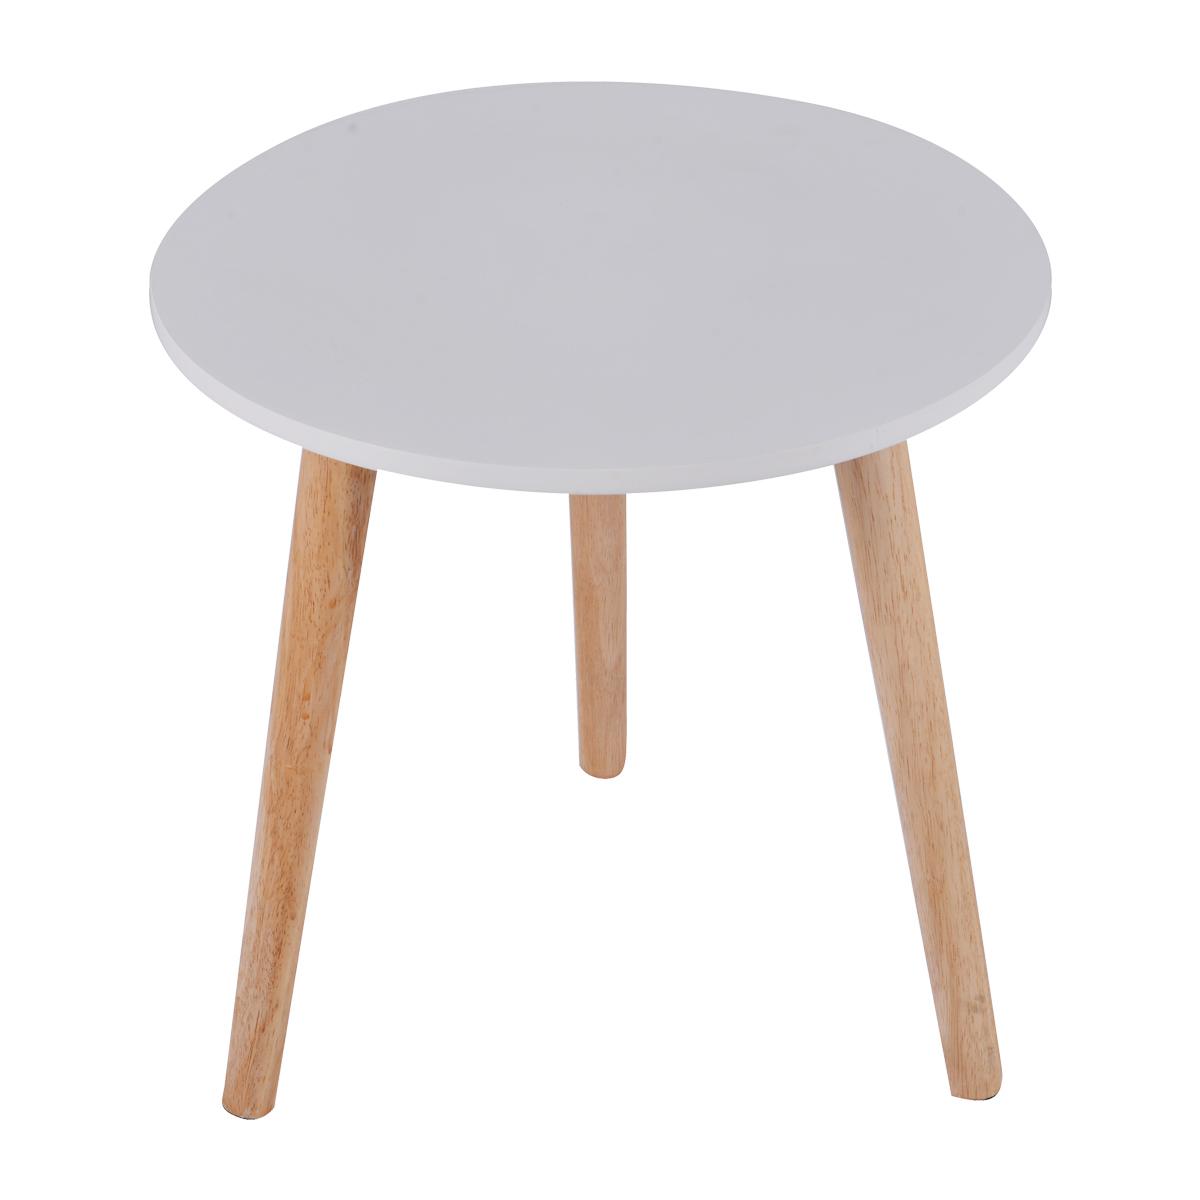 طاولة تقديم وخدمة خشب دائرية - 40 سم -  من ماي مارت